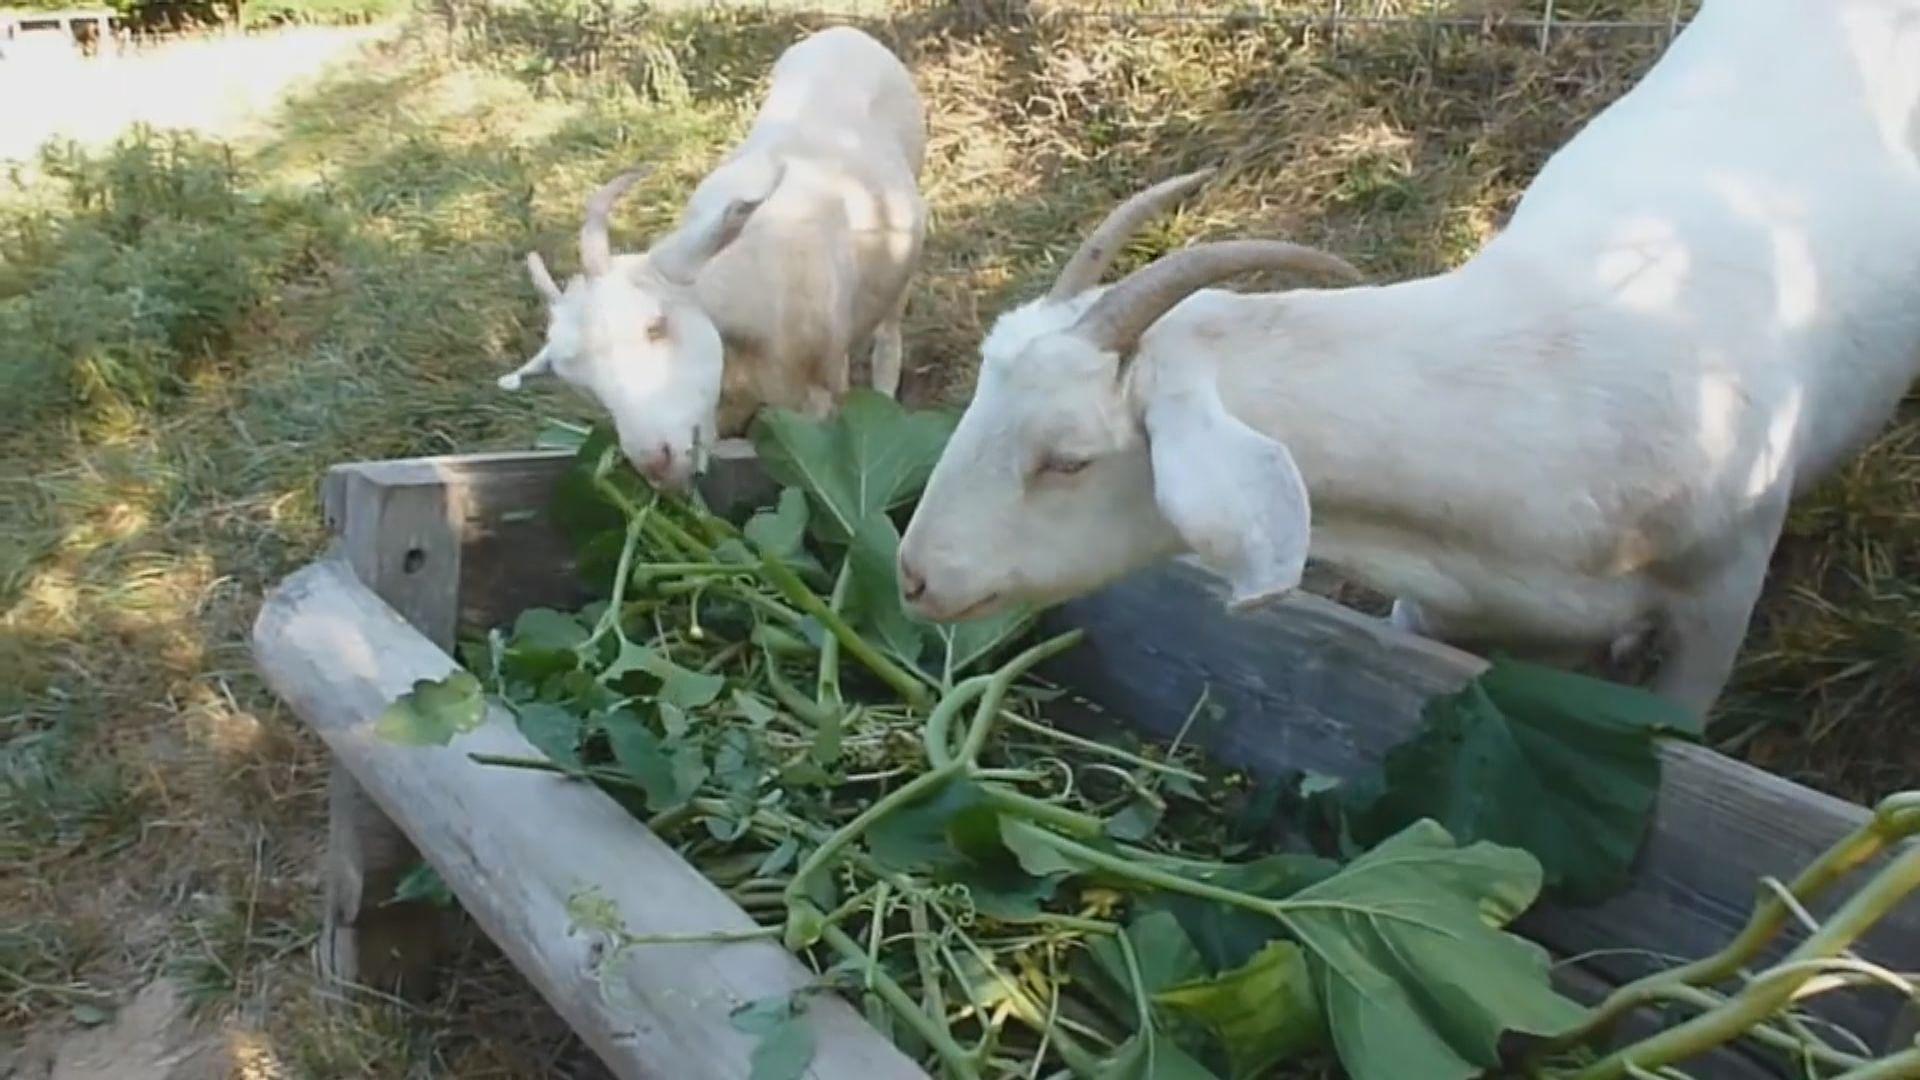 【環球薈報】研究發現山羊較傾向吃要花心思取得的食物